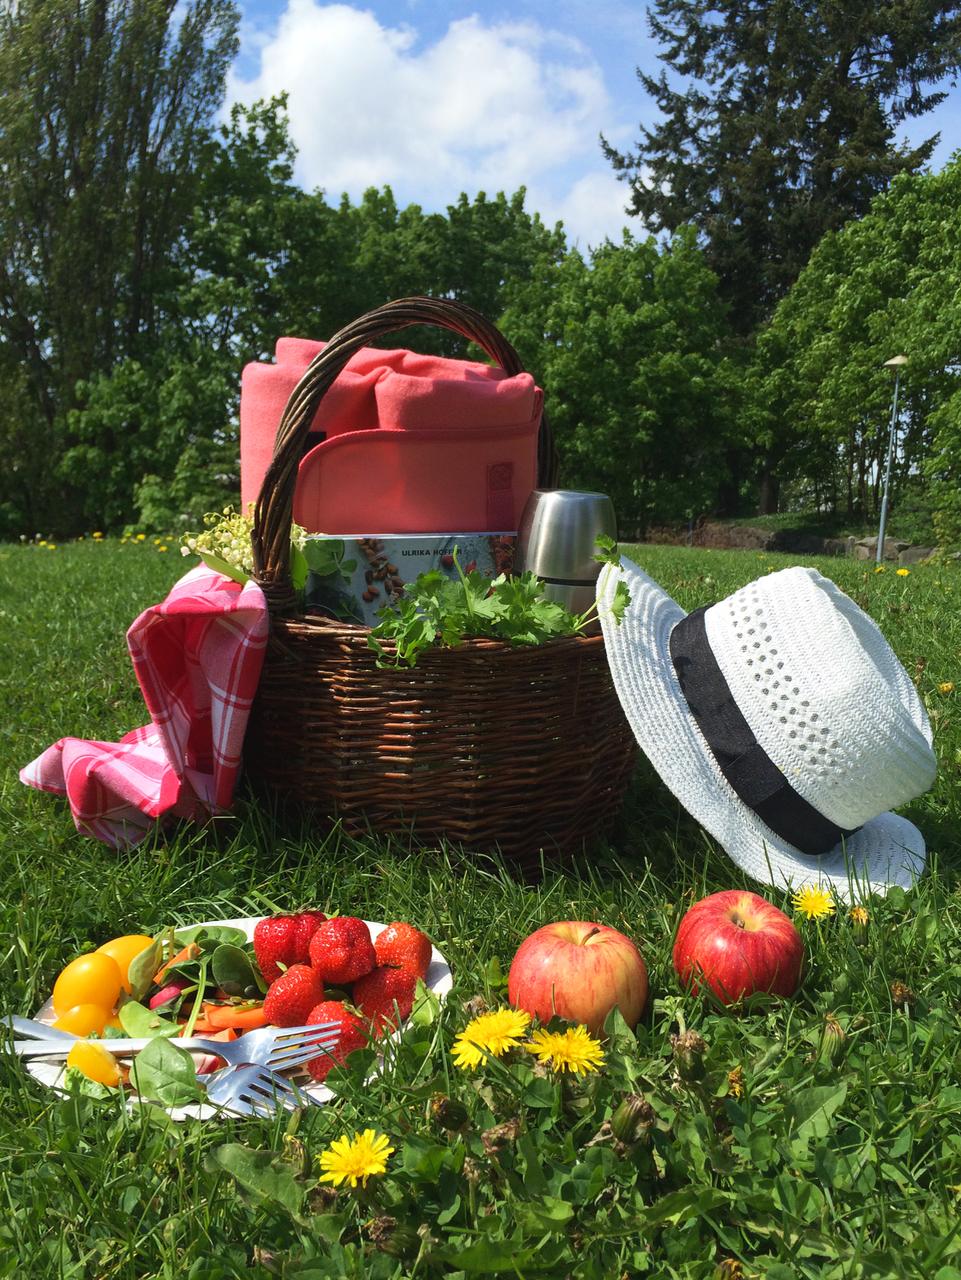 Äggwraps med avokado- och tonfiskröra - glutenfritt picknick